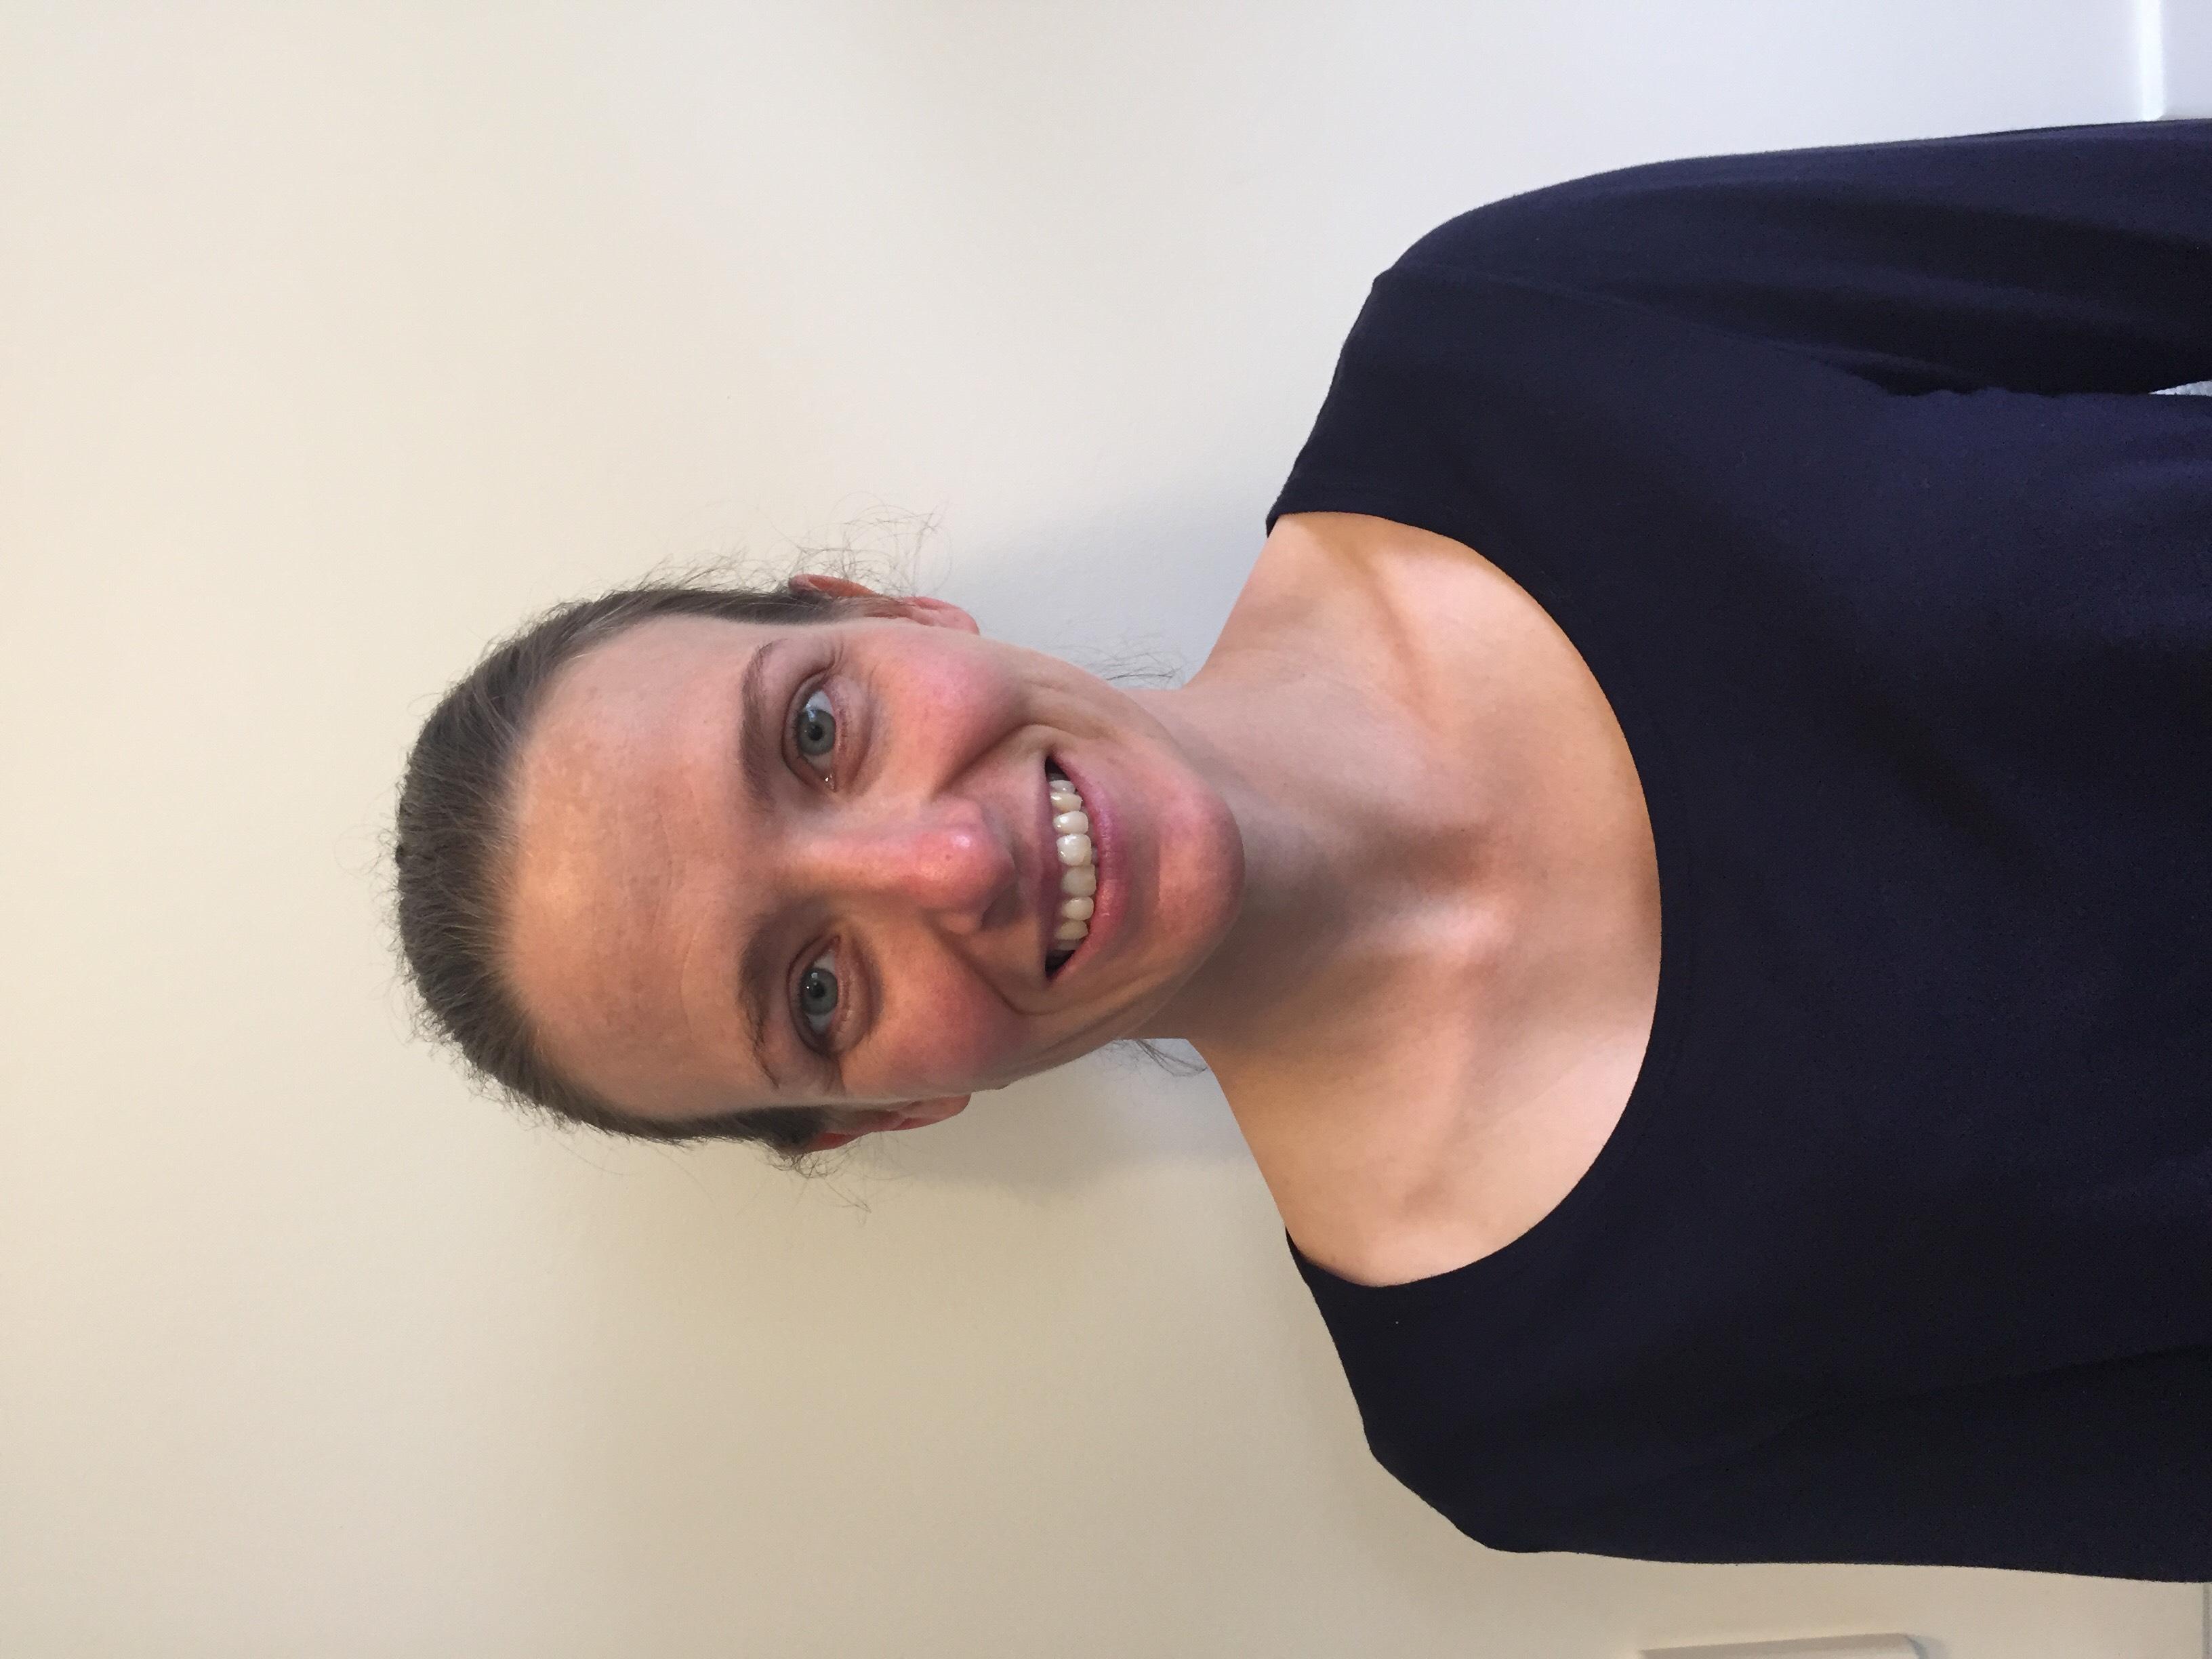 Elissa jack physiotherapist